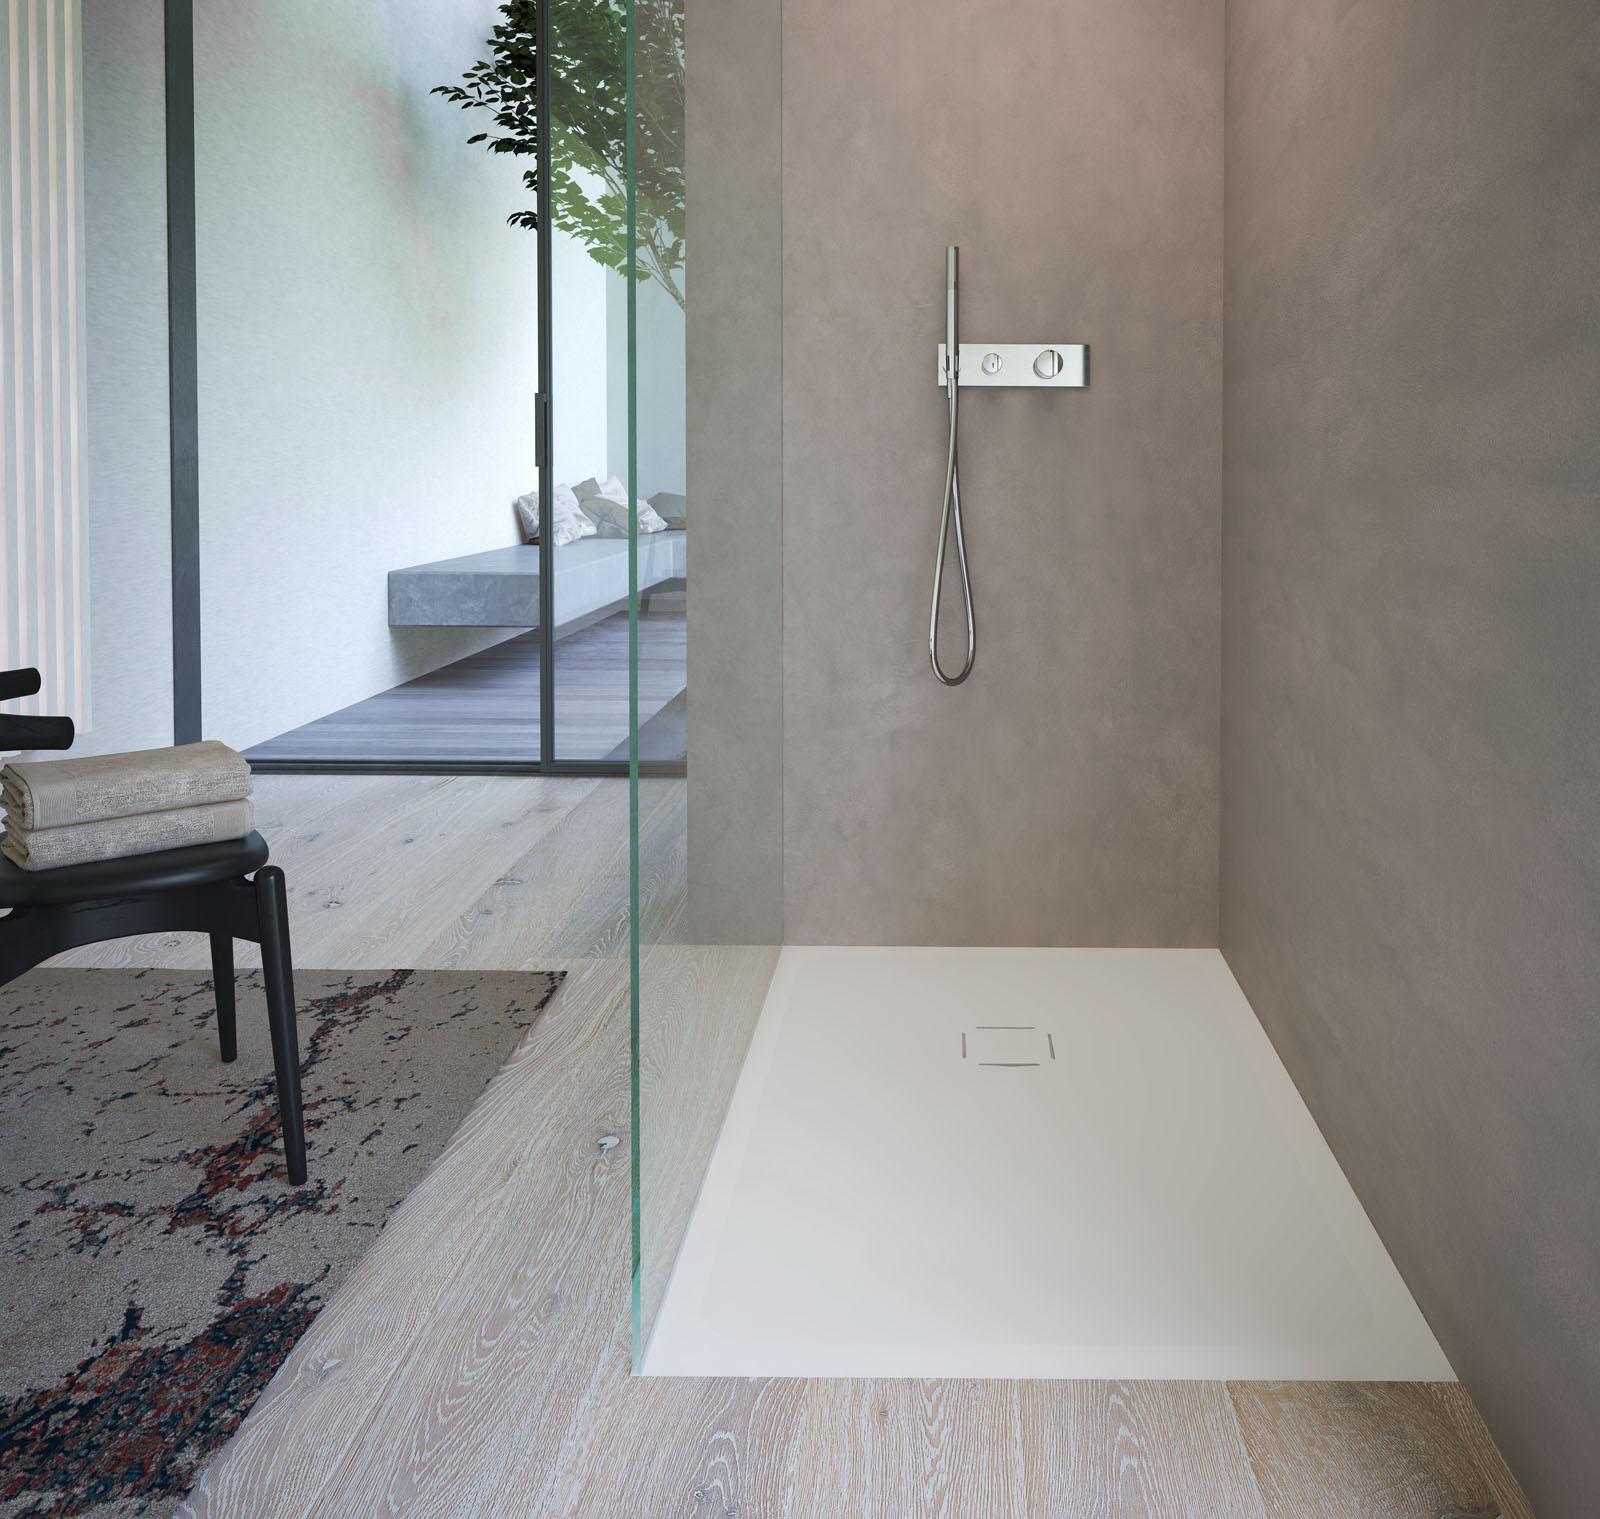 Kubo piatto doccia a filo pavimento in aquatek disenia - Doccia senza piatto doccia ...